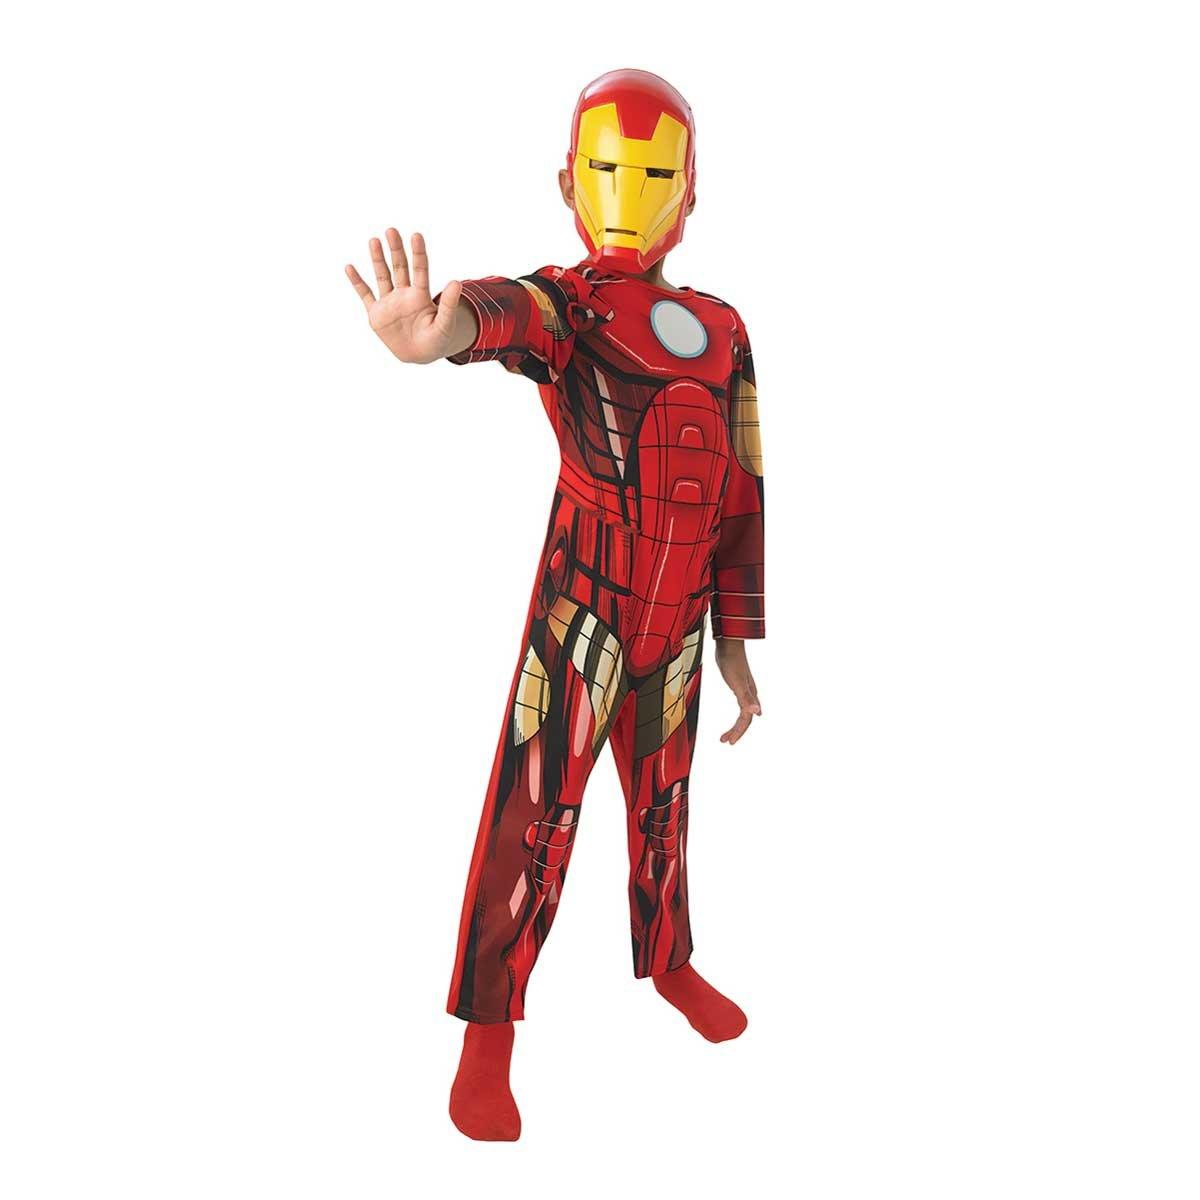 Rubie's-déguisement officiel - Marvel- Costume  Iron Man Avengers Assemble -Taille S- CS887750/S Rubies